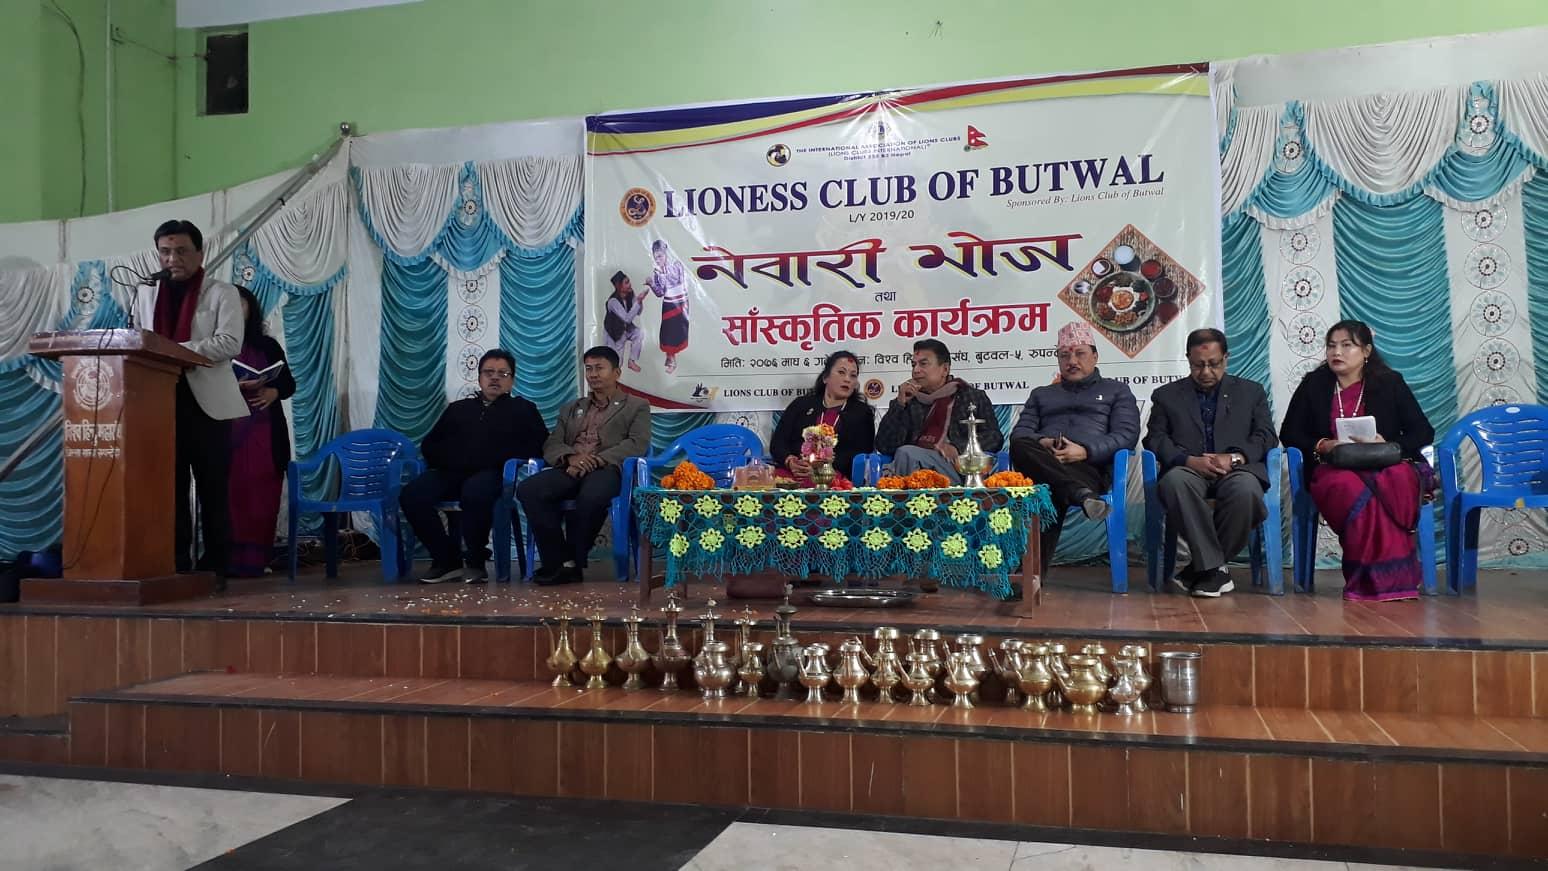 नेवार समुदायको संस्कृति संरक्षणका लागि 'नेवारी भोज र सांस्कृतिक कार्यक्रम'